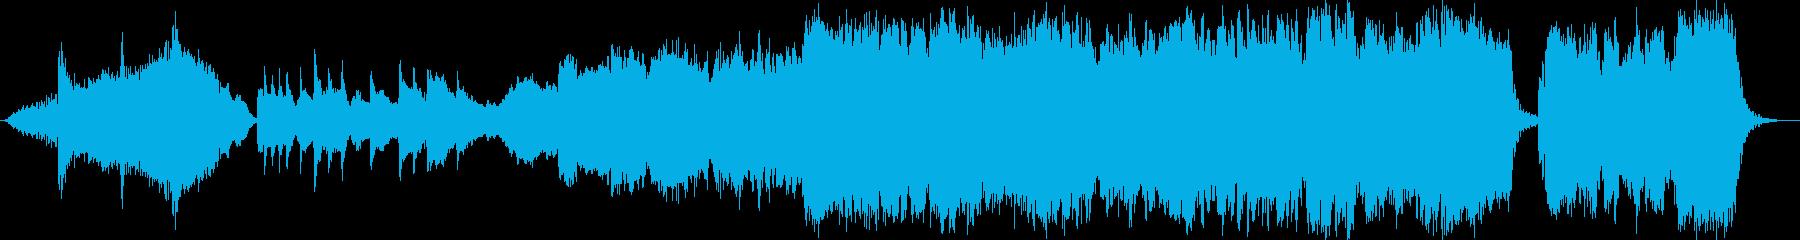 ピアノと生演奏尺八 感動のエンディングの再生済みの波形